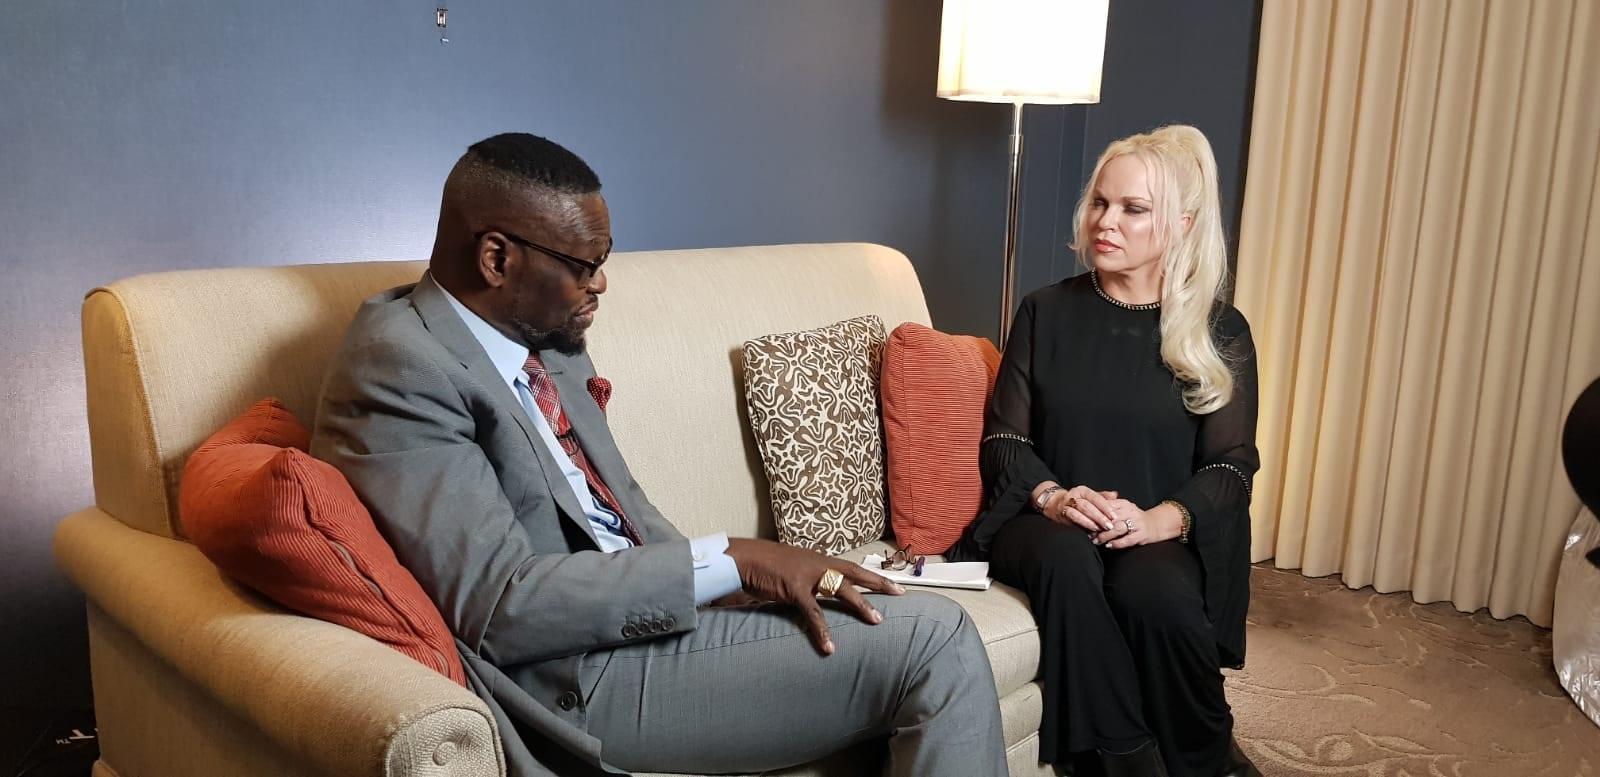 Bishop Harry Jackson and Hanne Nabintu Herland Washington DC, 2019